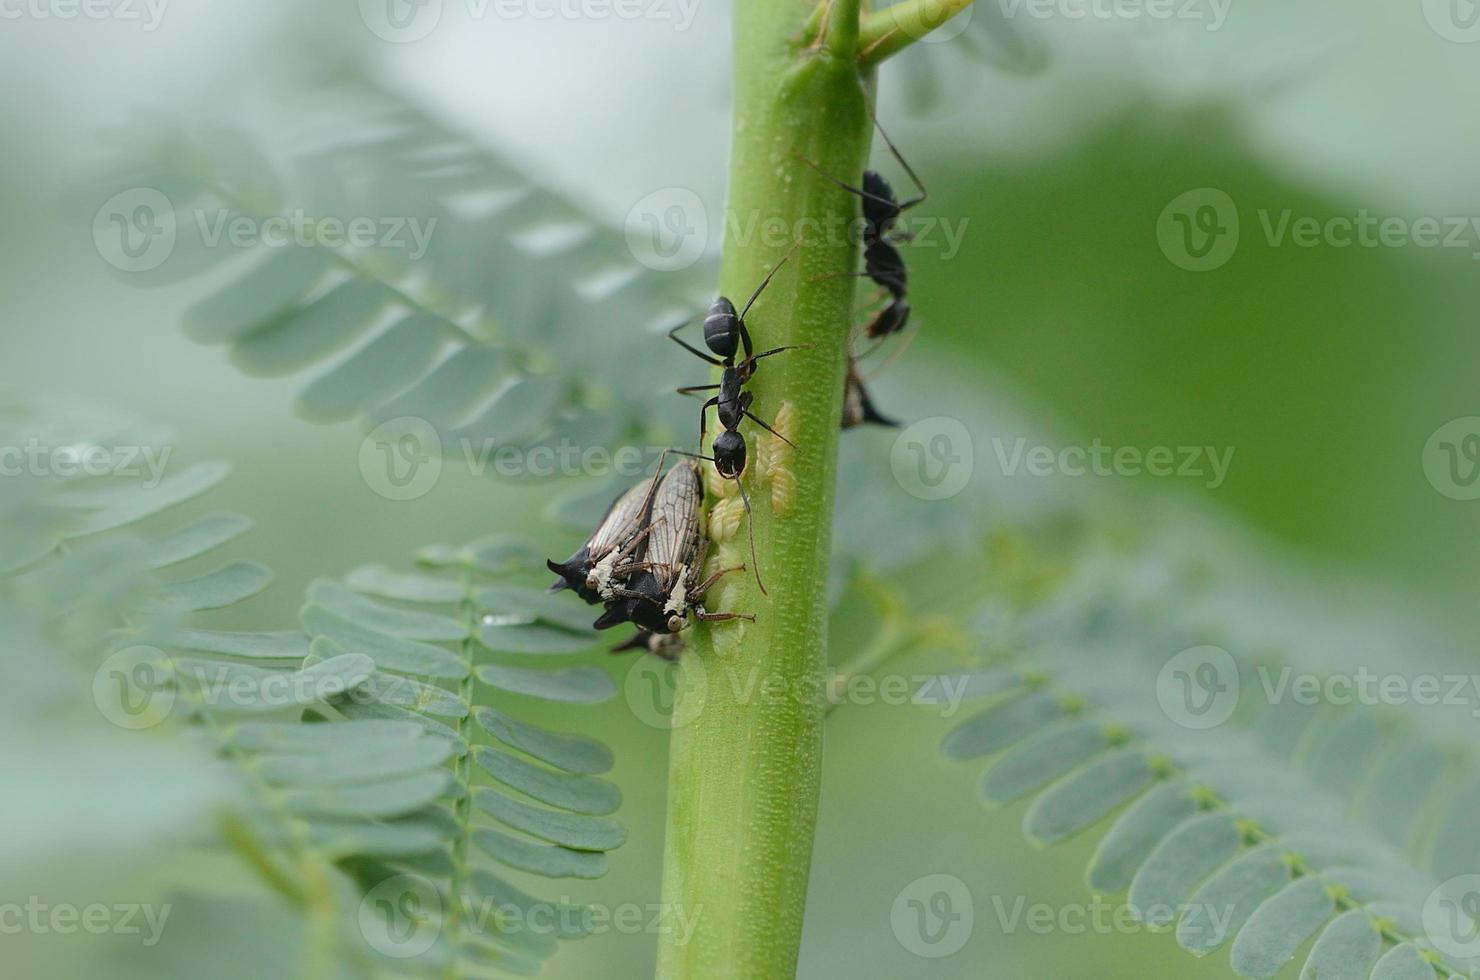 zwarte mier & centrotus cornutus (hemiptera) foto